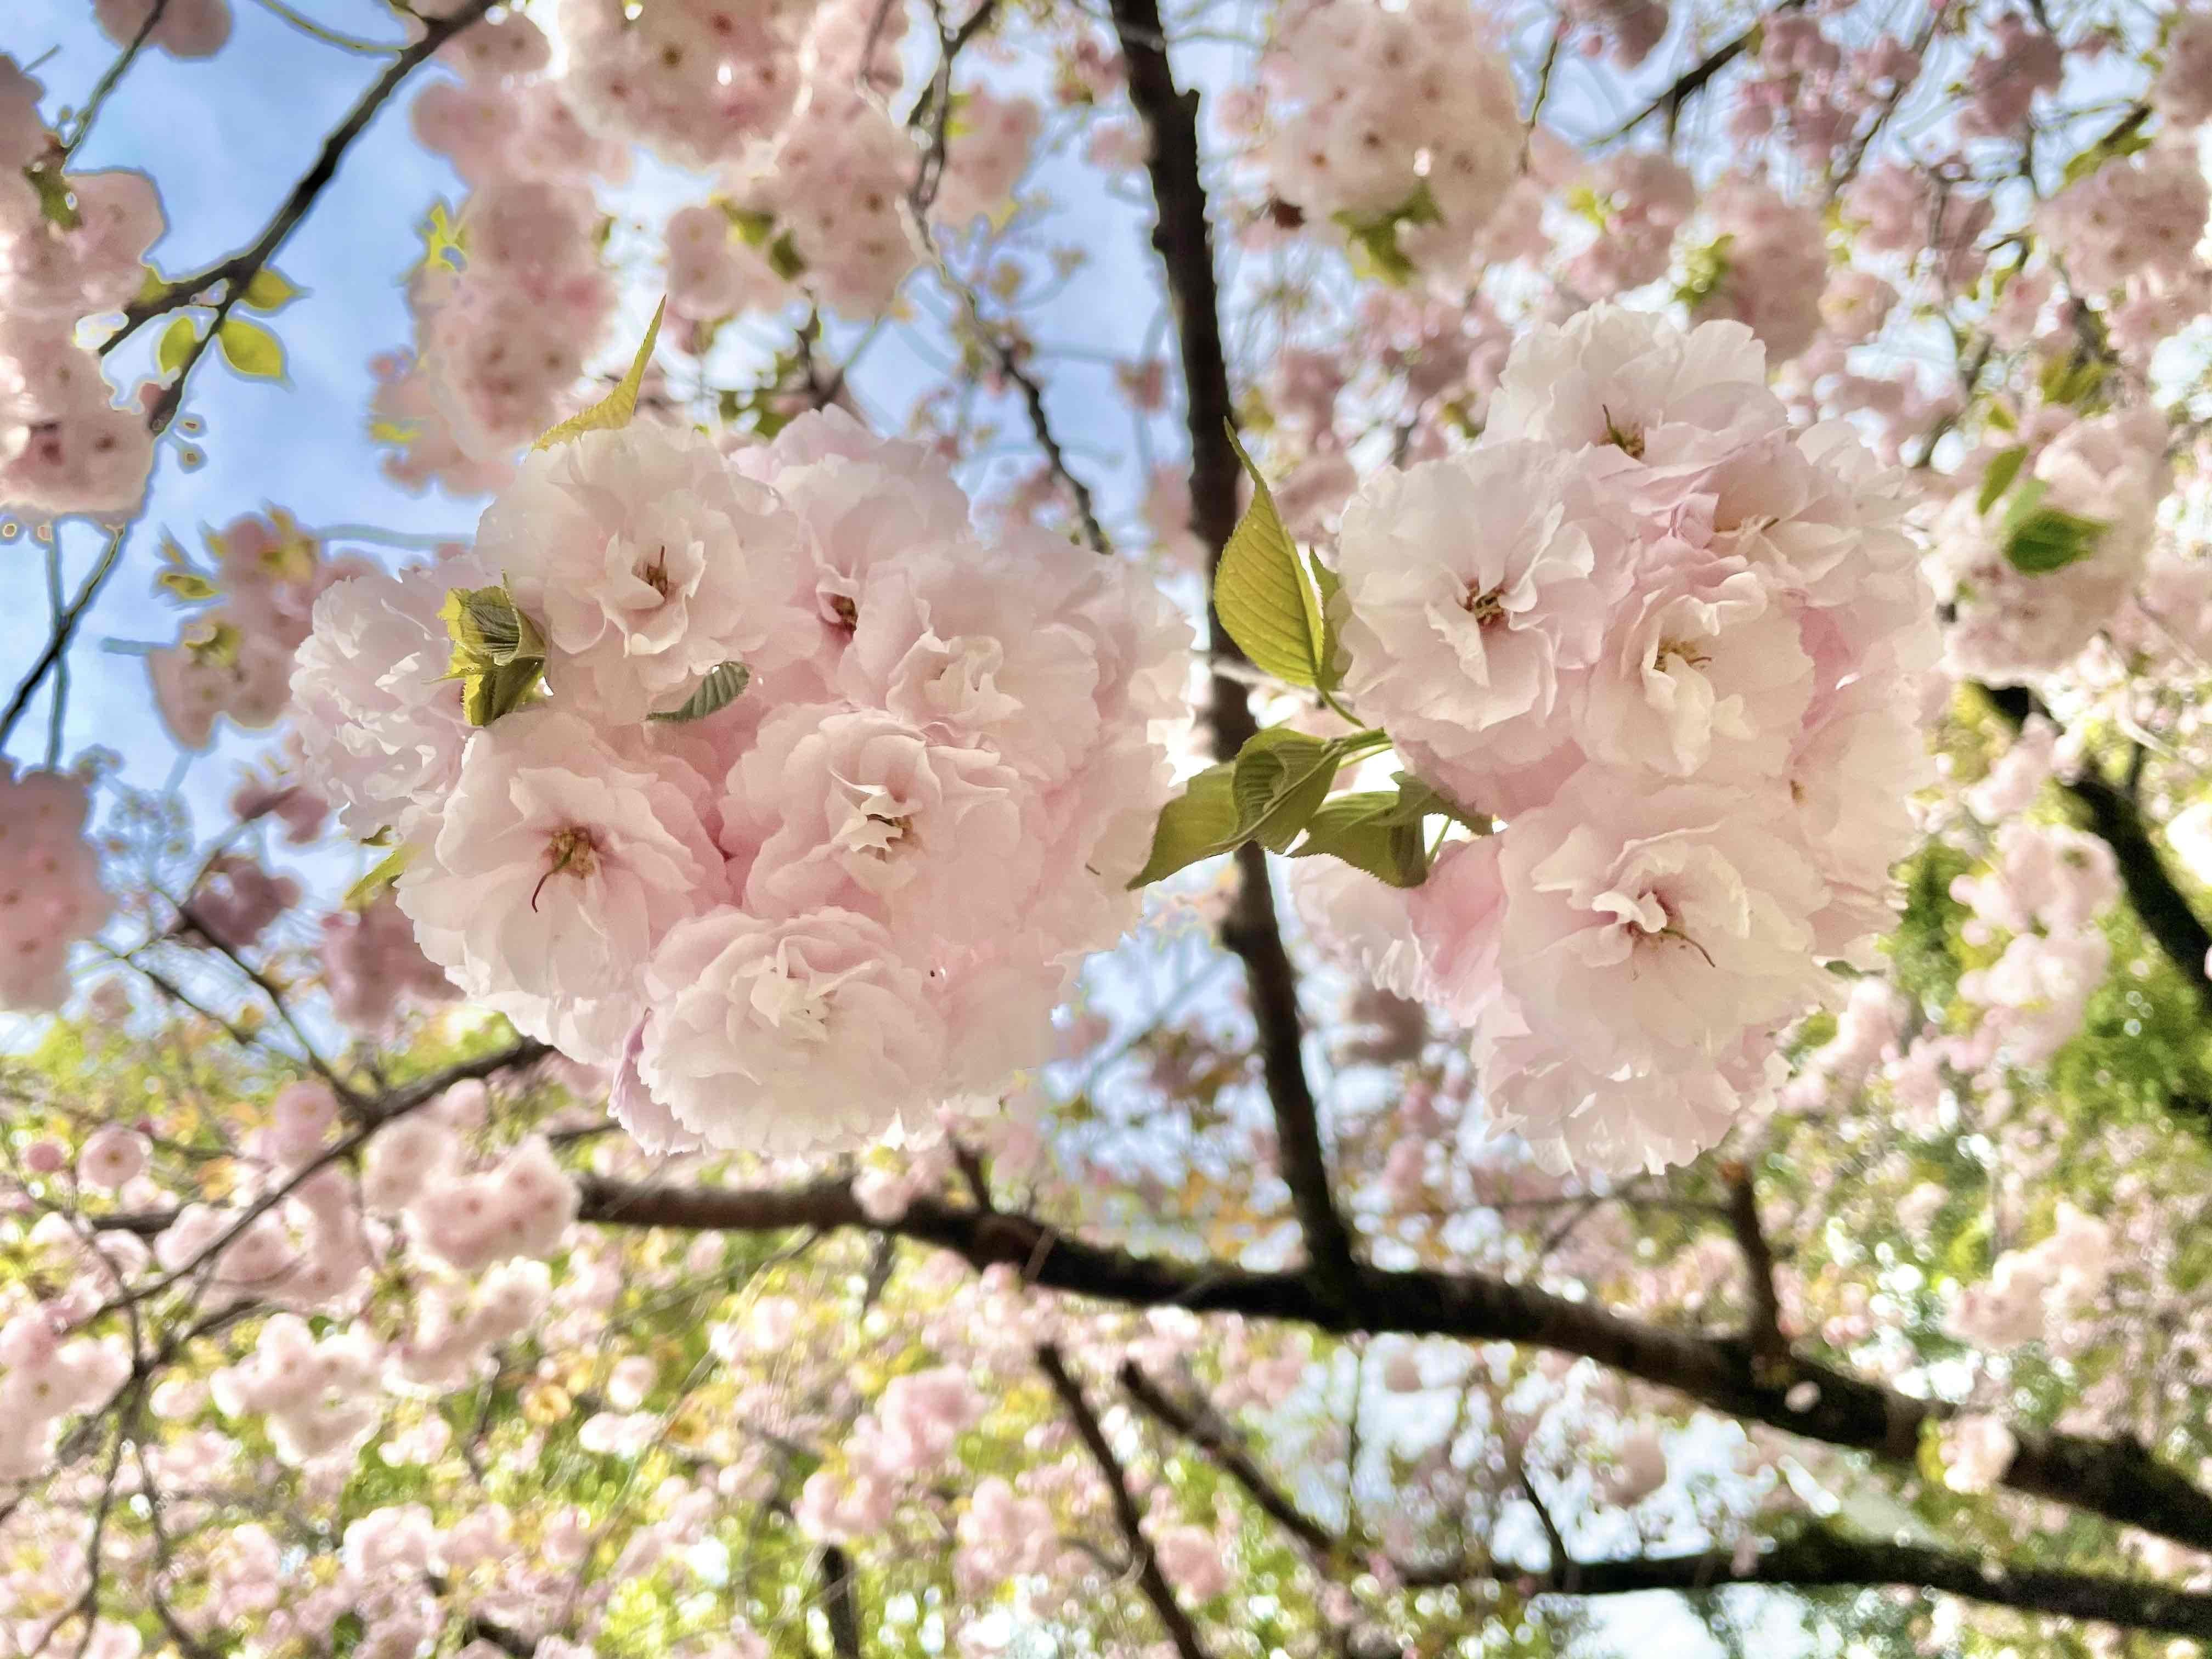 「先日のお花見で」04/04(04/04) 16:52 | 辻(つじ)の写メ